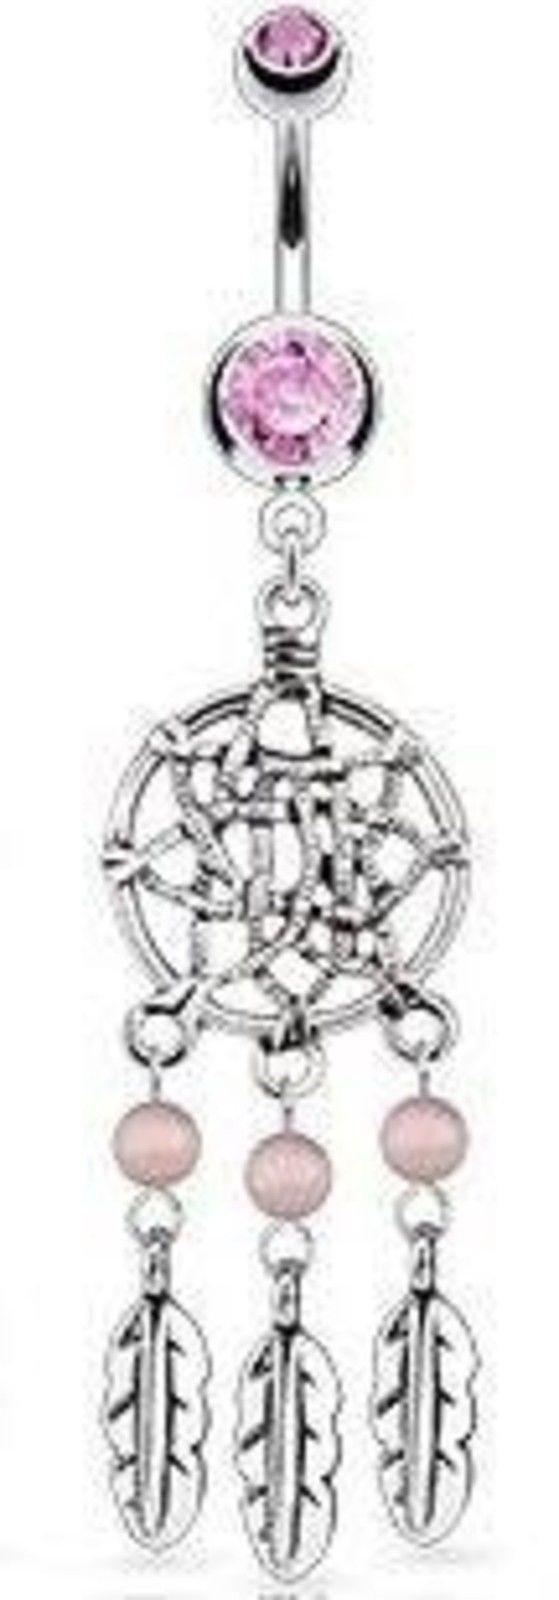 Uhren & Schmuck Body Accentz® Belly Button Ring 316L Surgical Steel Dream Catcher Basket ...